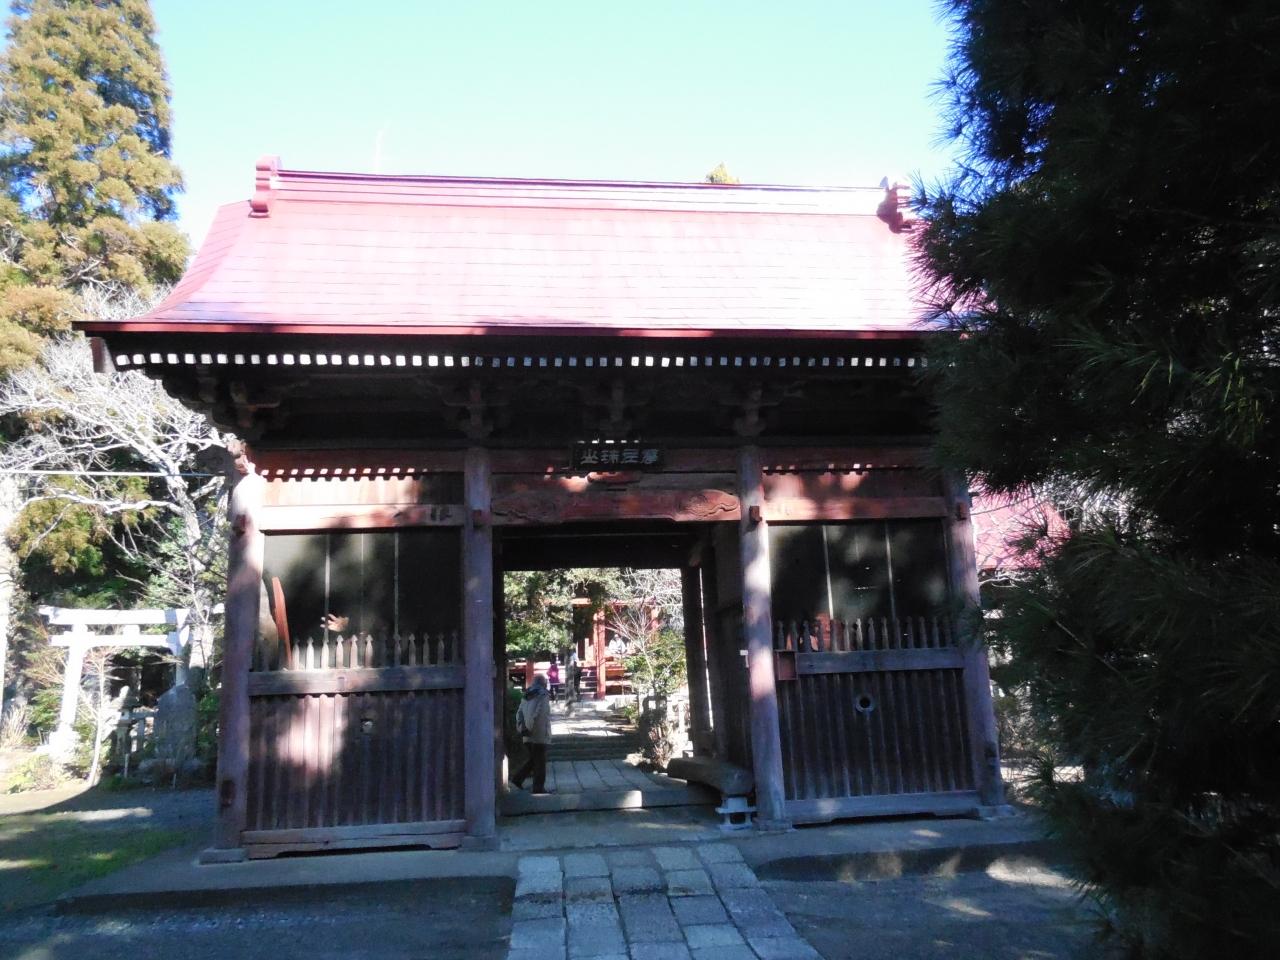 『印西市の松虫寺(まつむしでら)に初詣』鎌ヶ谷・印西 ...